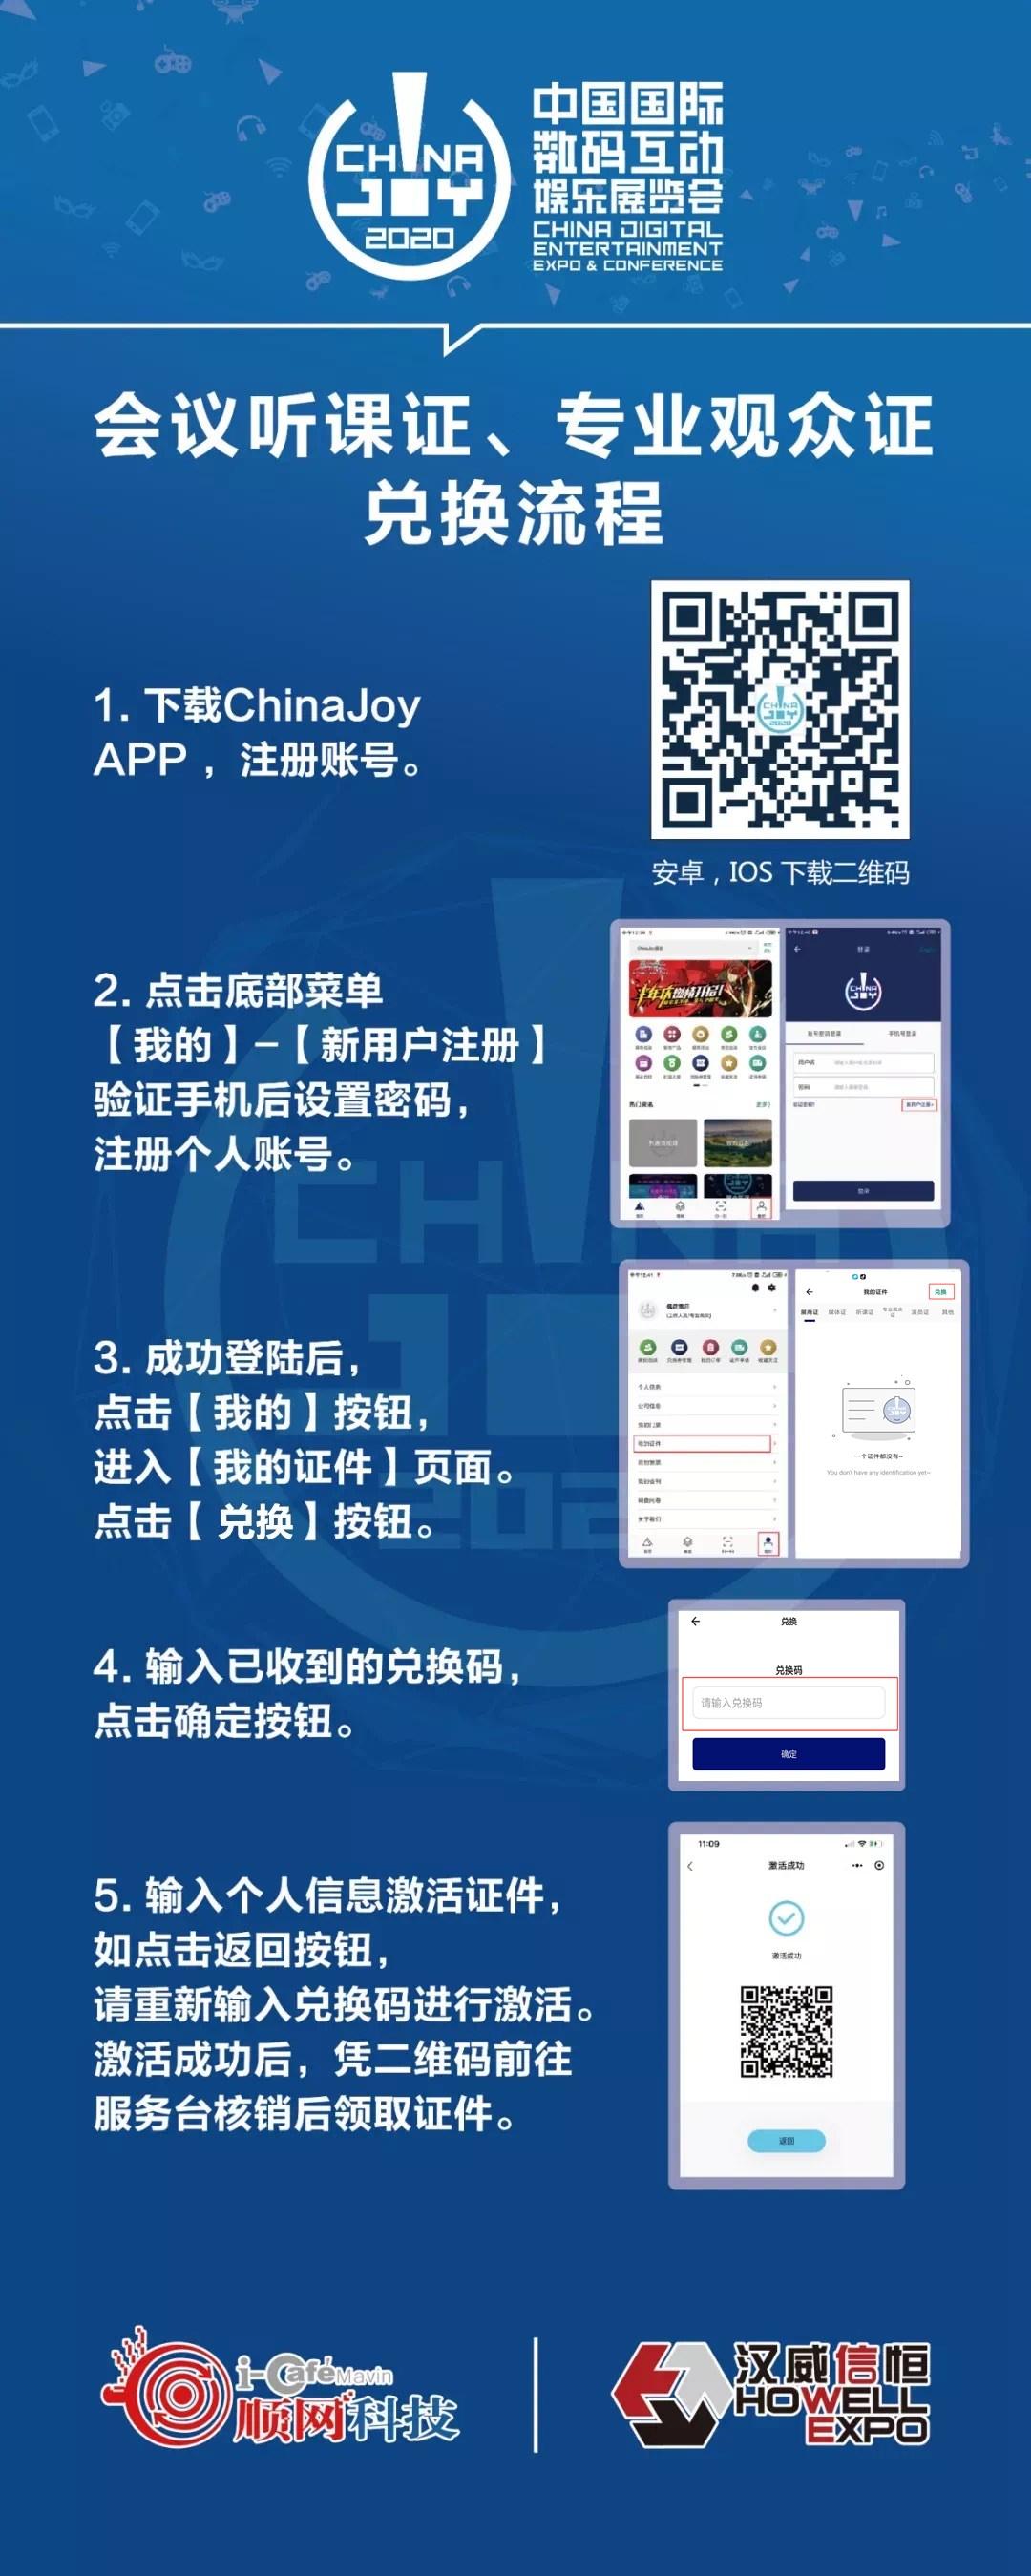 重要!ChinaJoy证件兑换码须提前激活方能现场兑换实体证件!